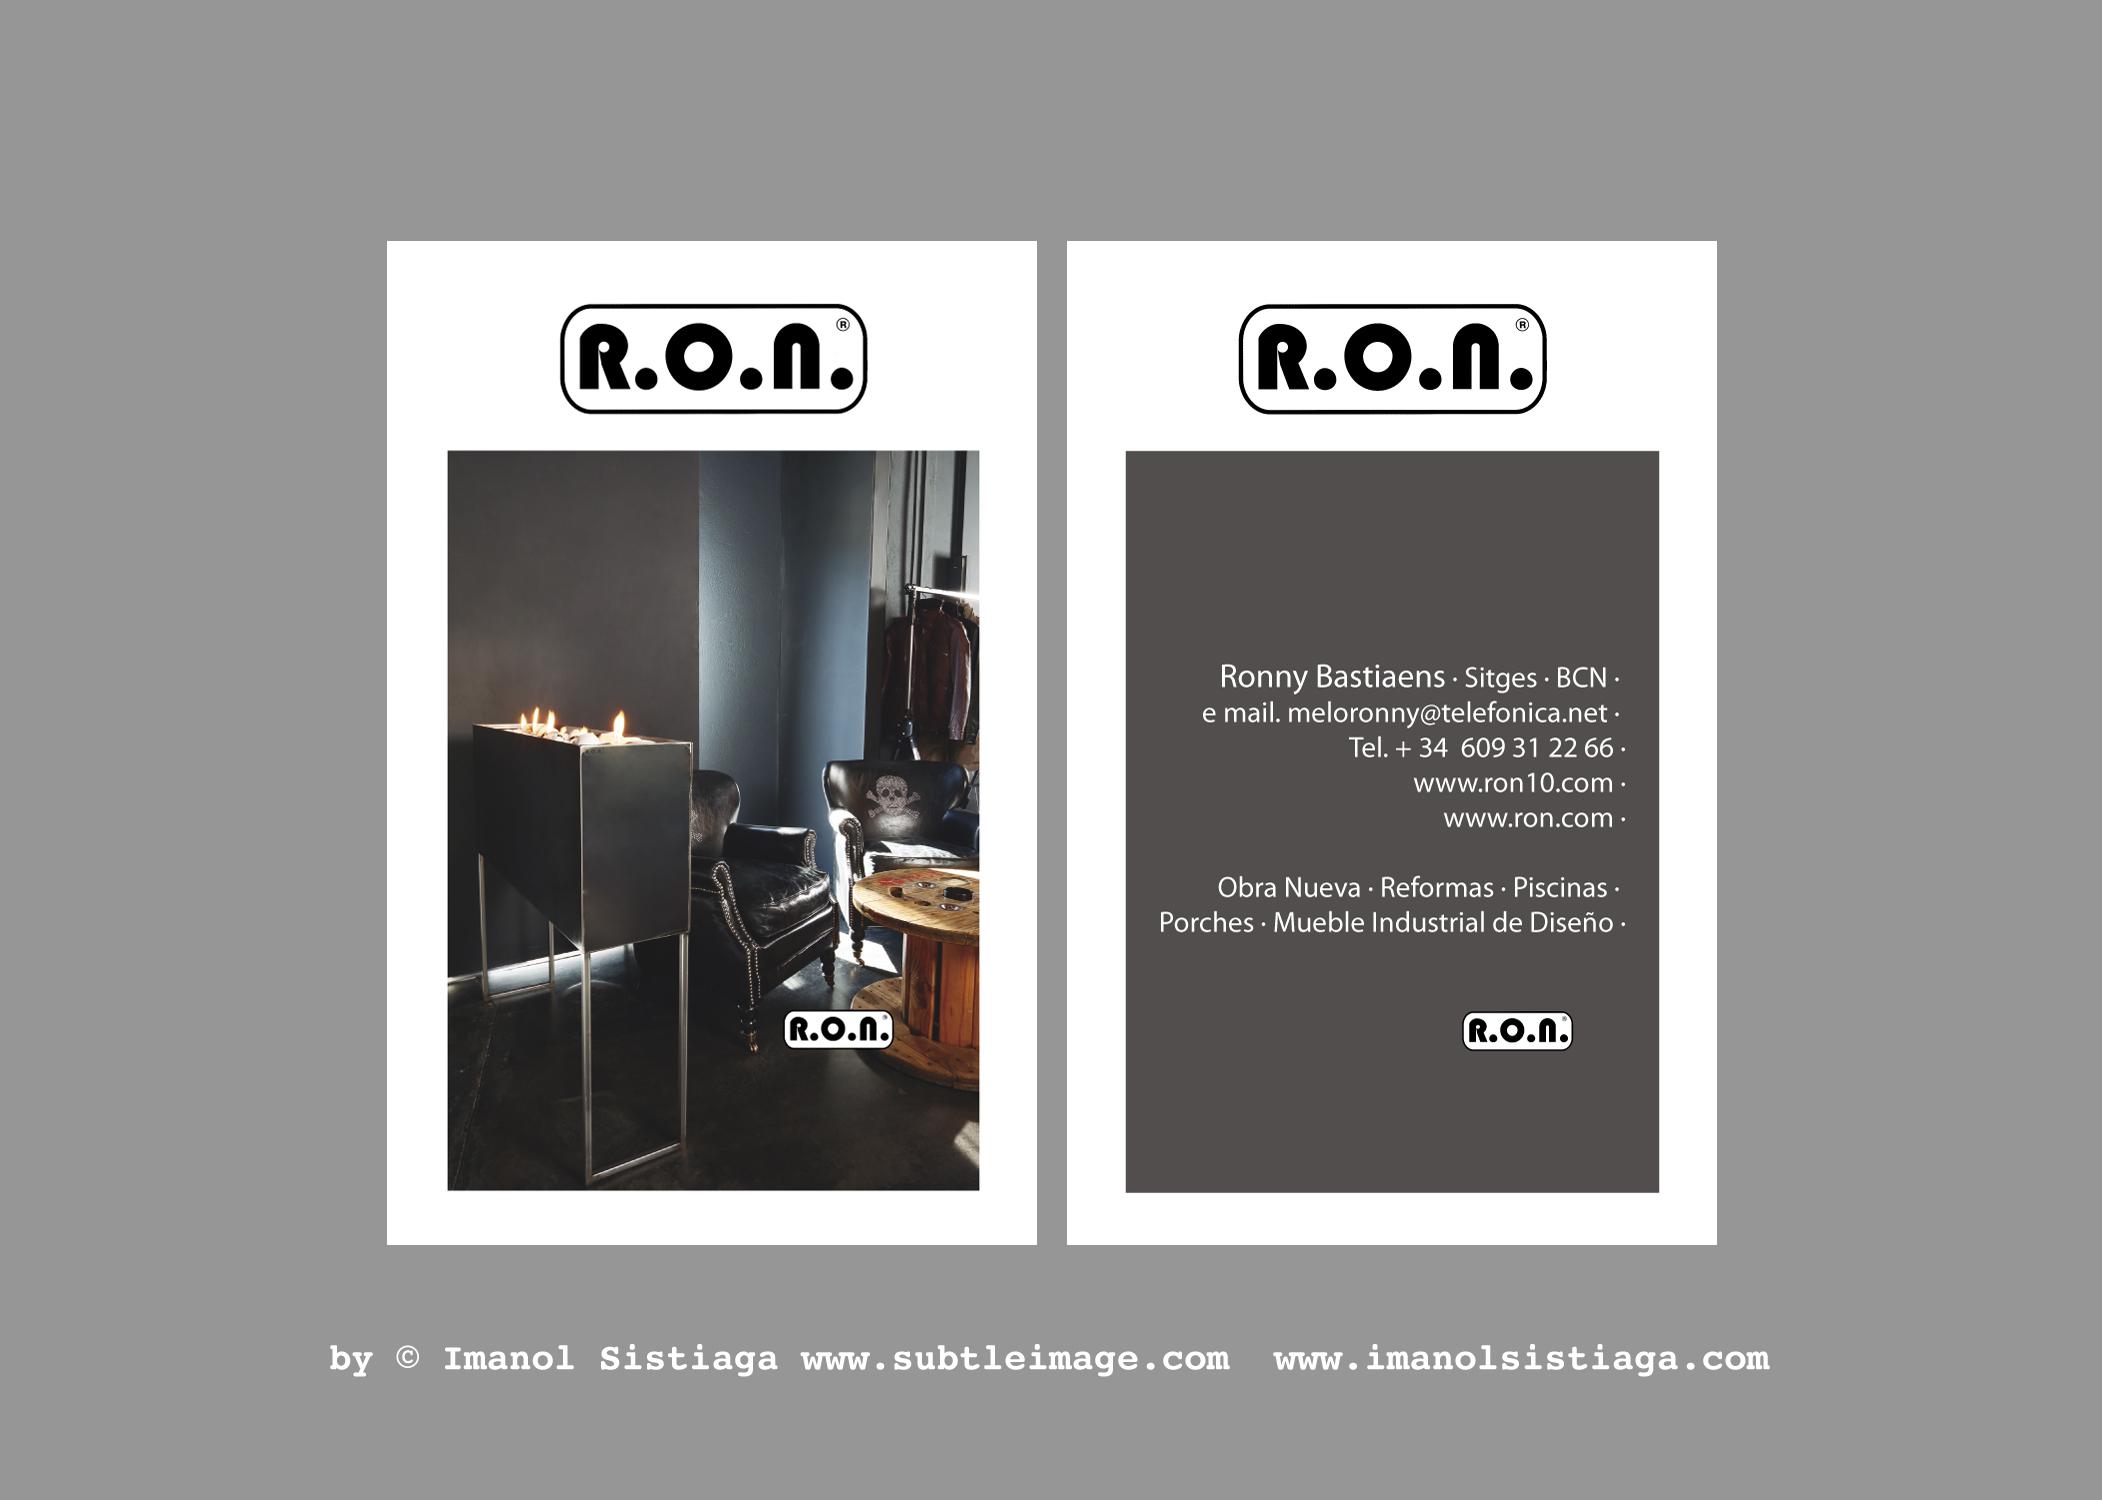 R.O.N. Diseño y Fotografía